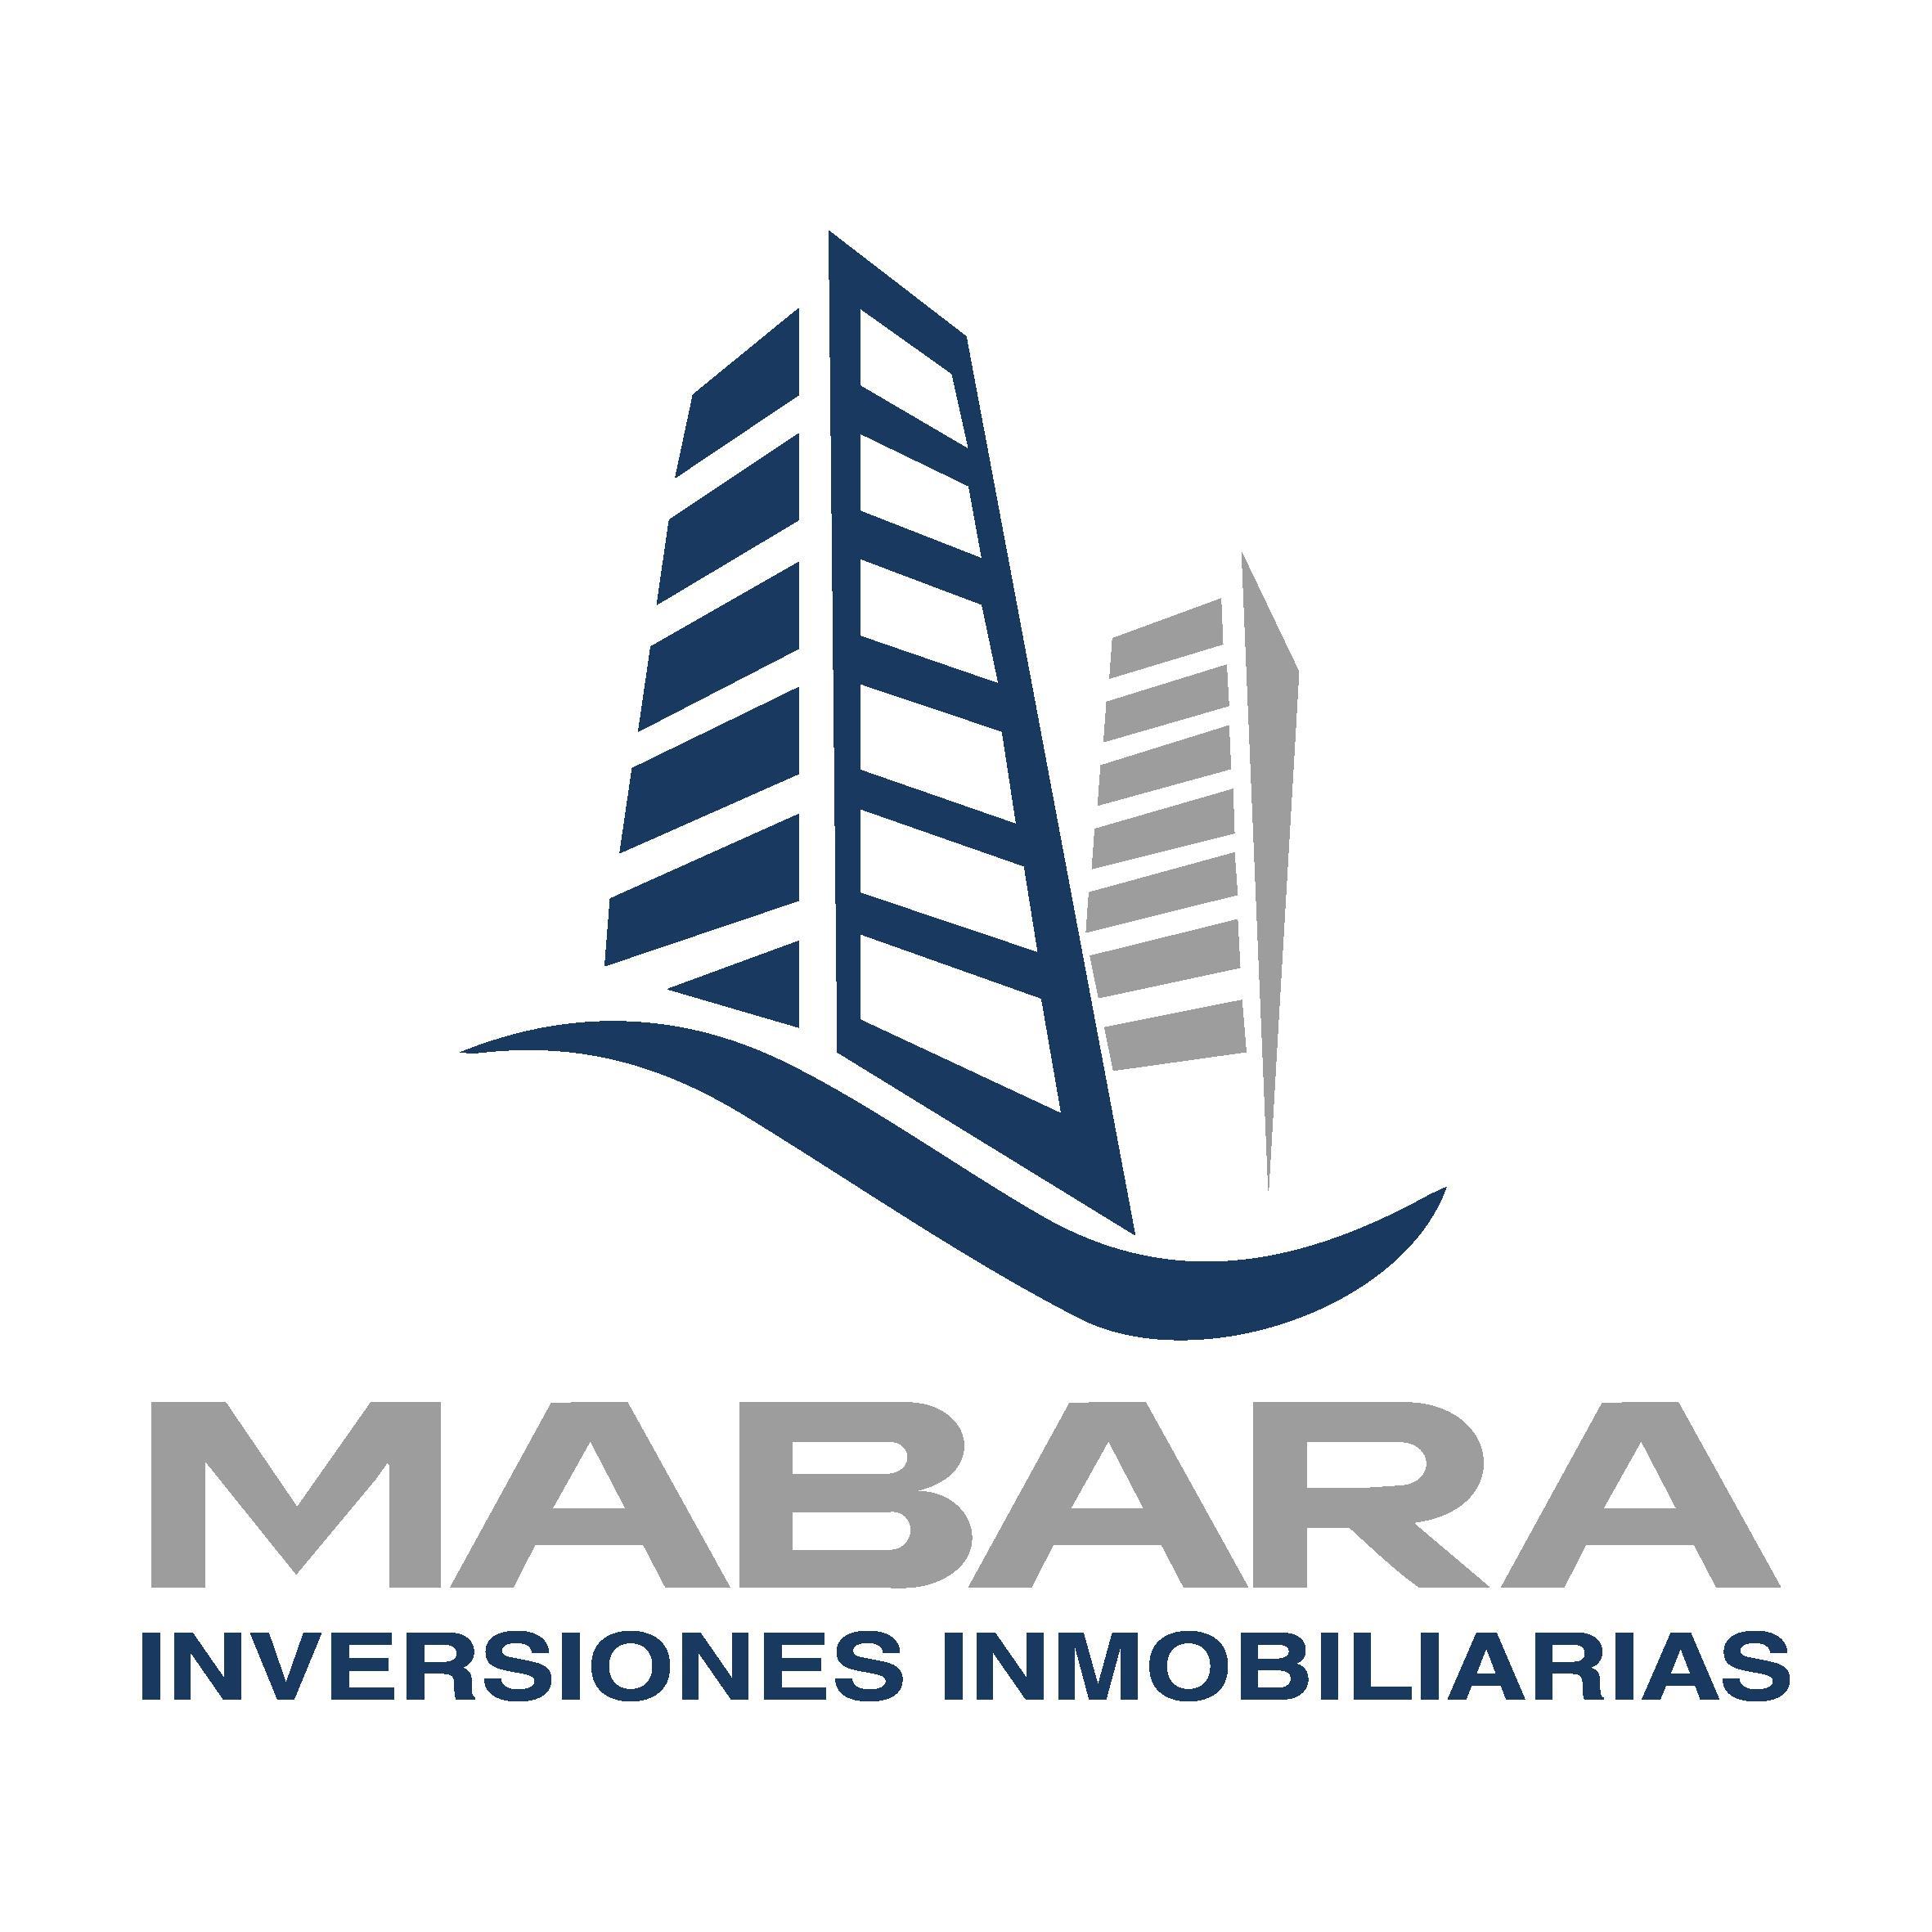 Mabara inversiones inmobiliaria inmobiliaria - Inversiones inmobiliarias ...